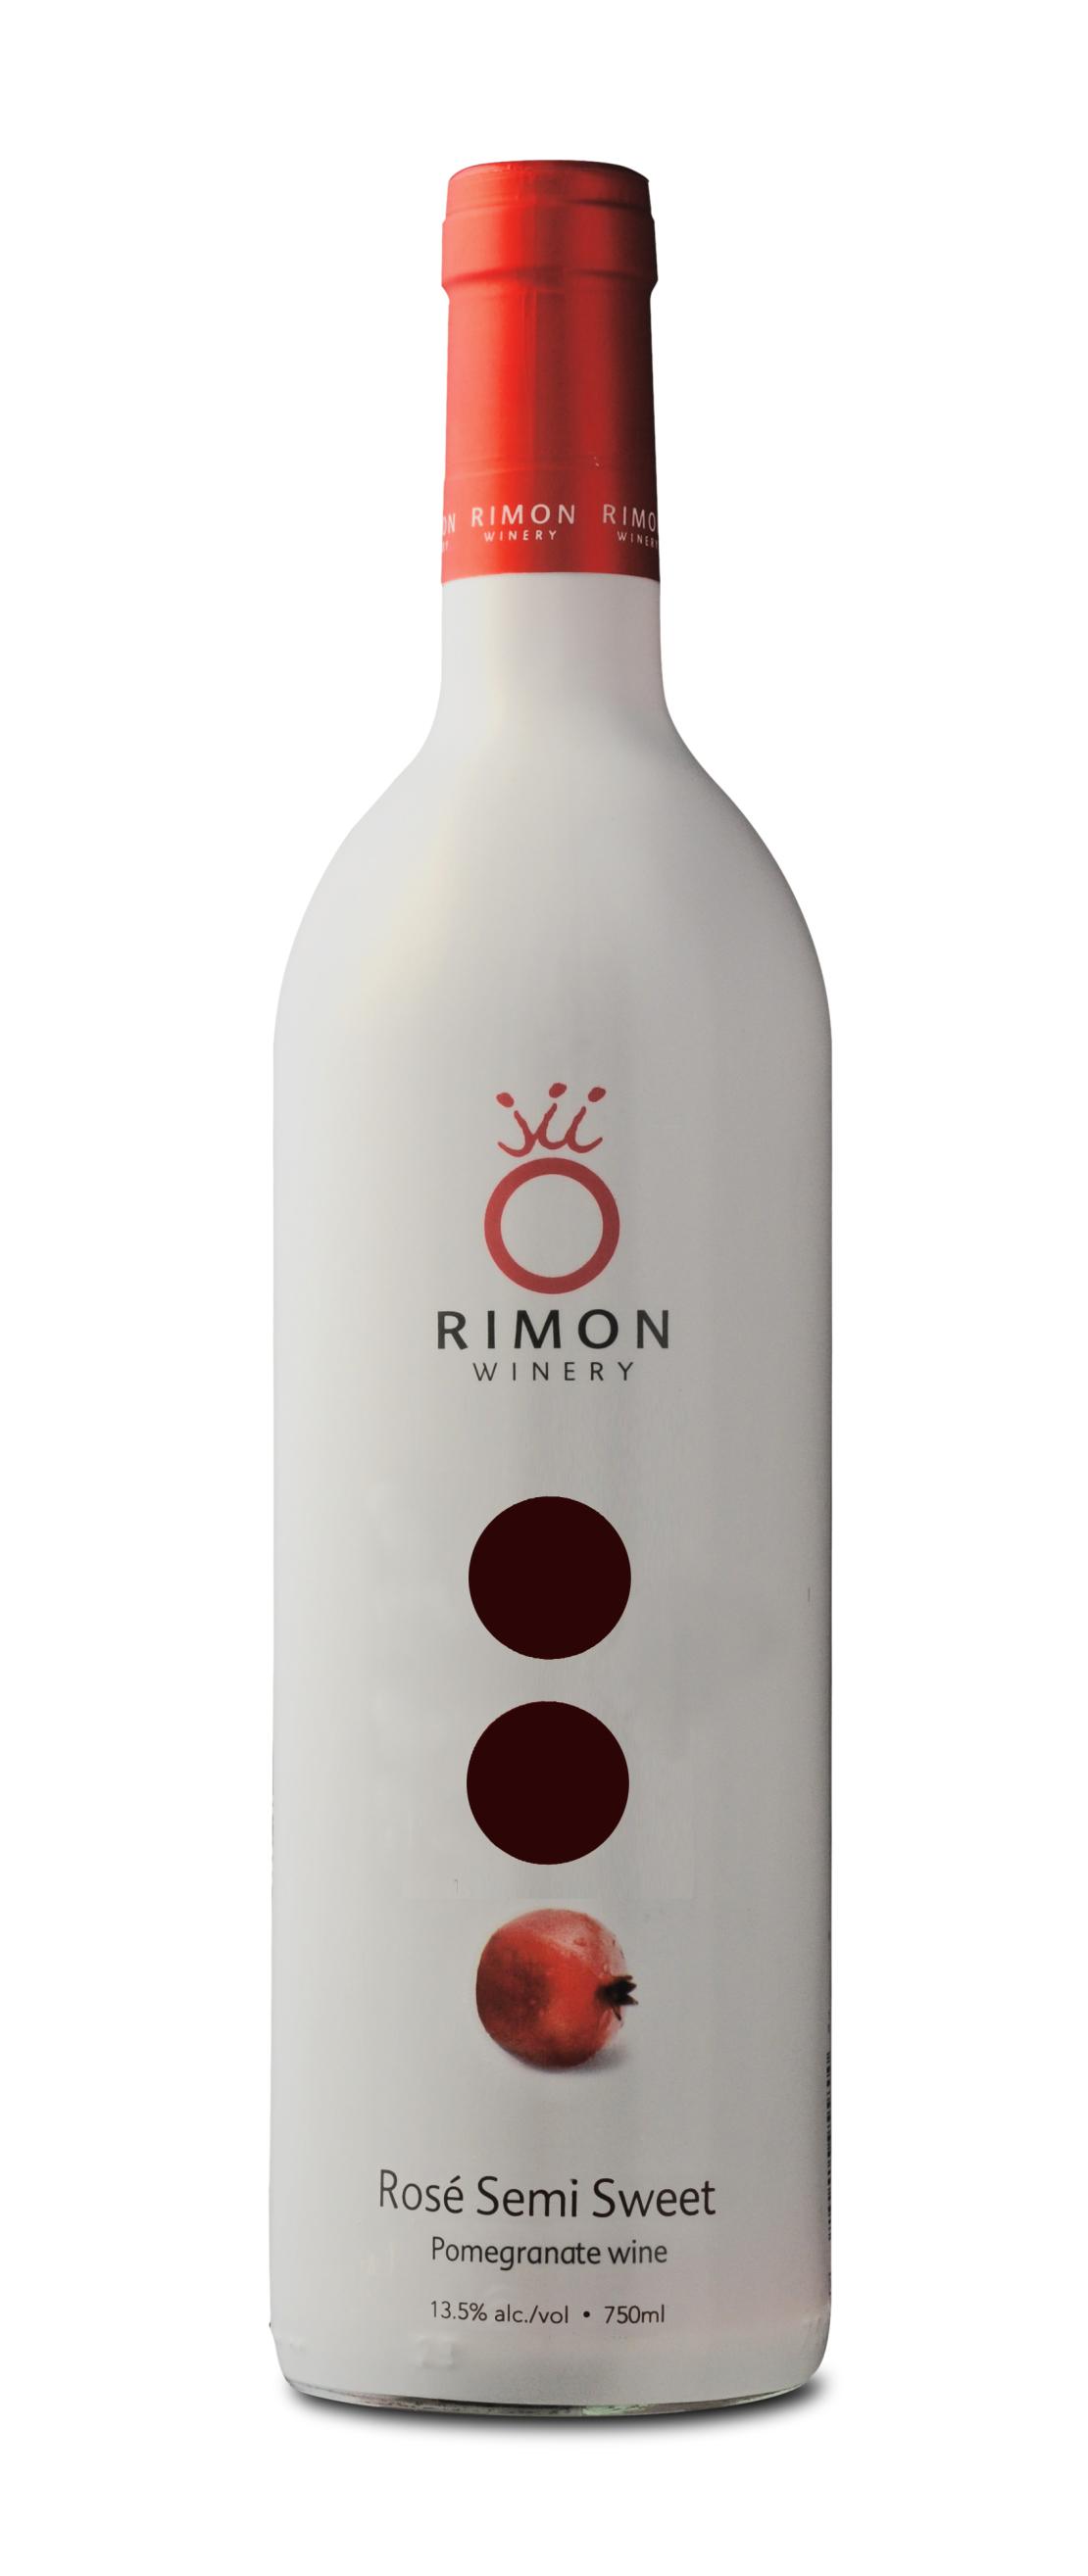 רוזה חצי מתוק | RIMON WINERY